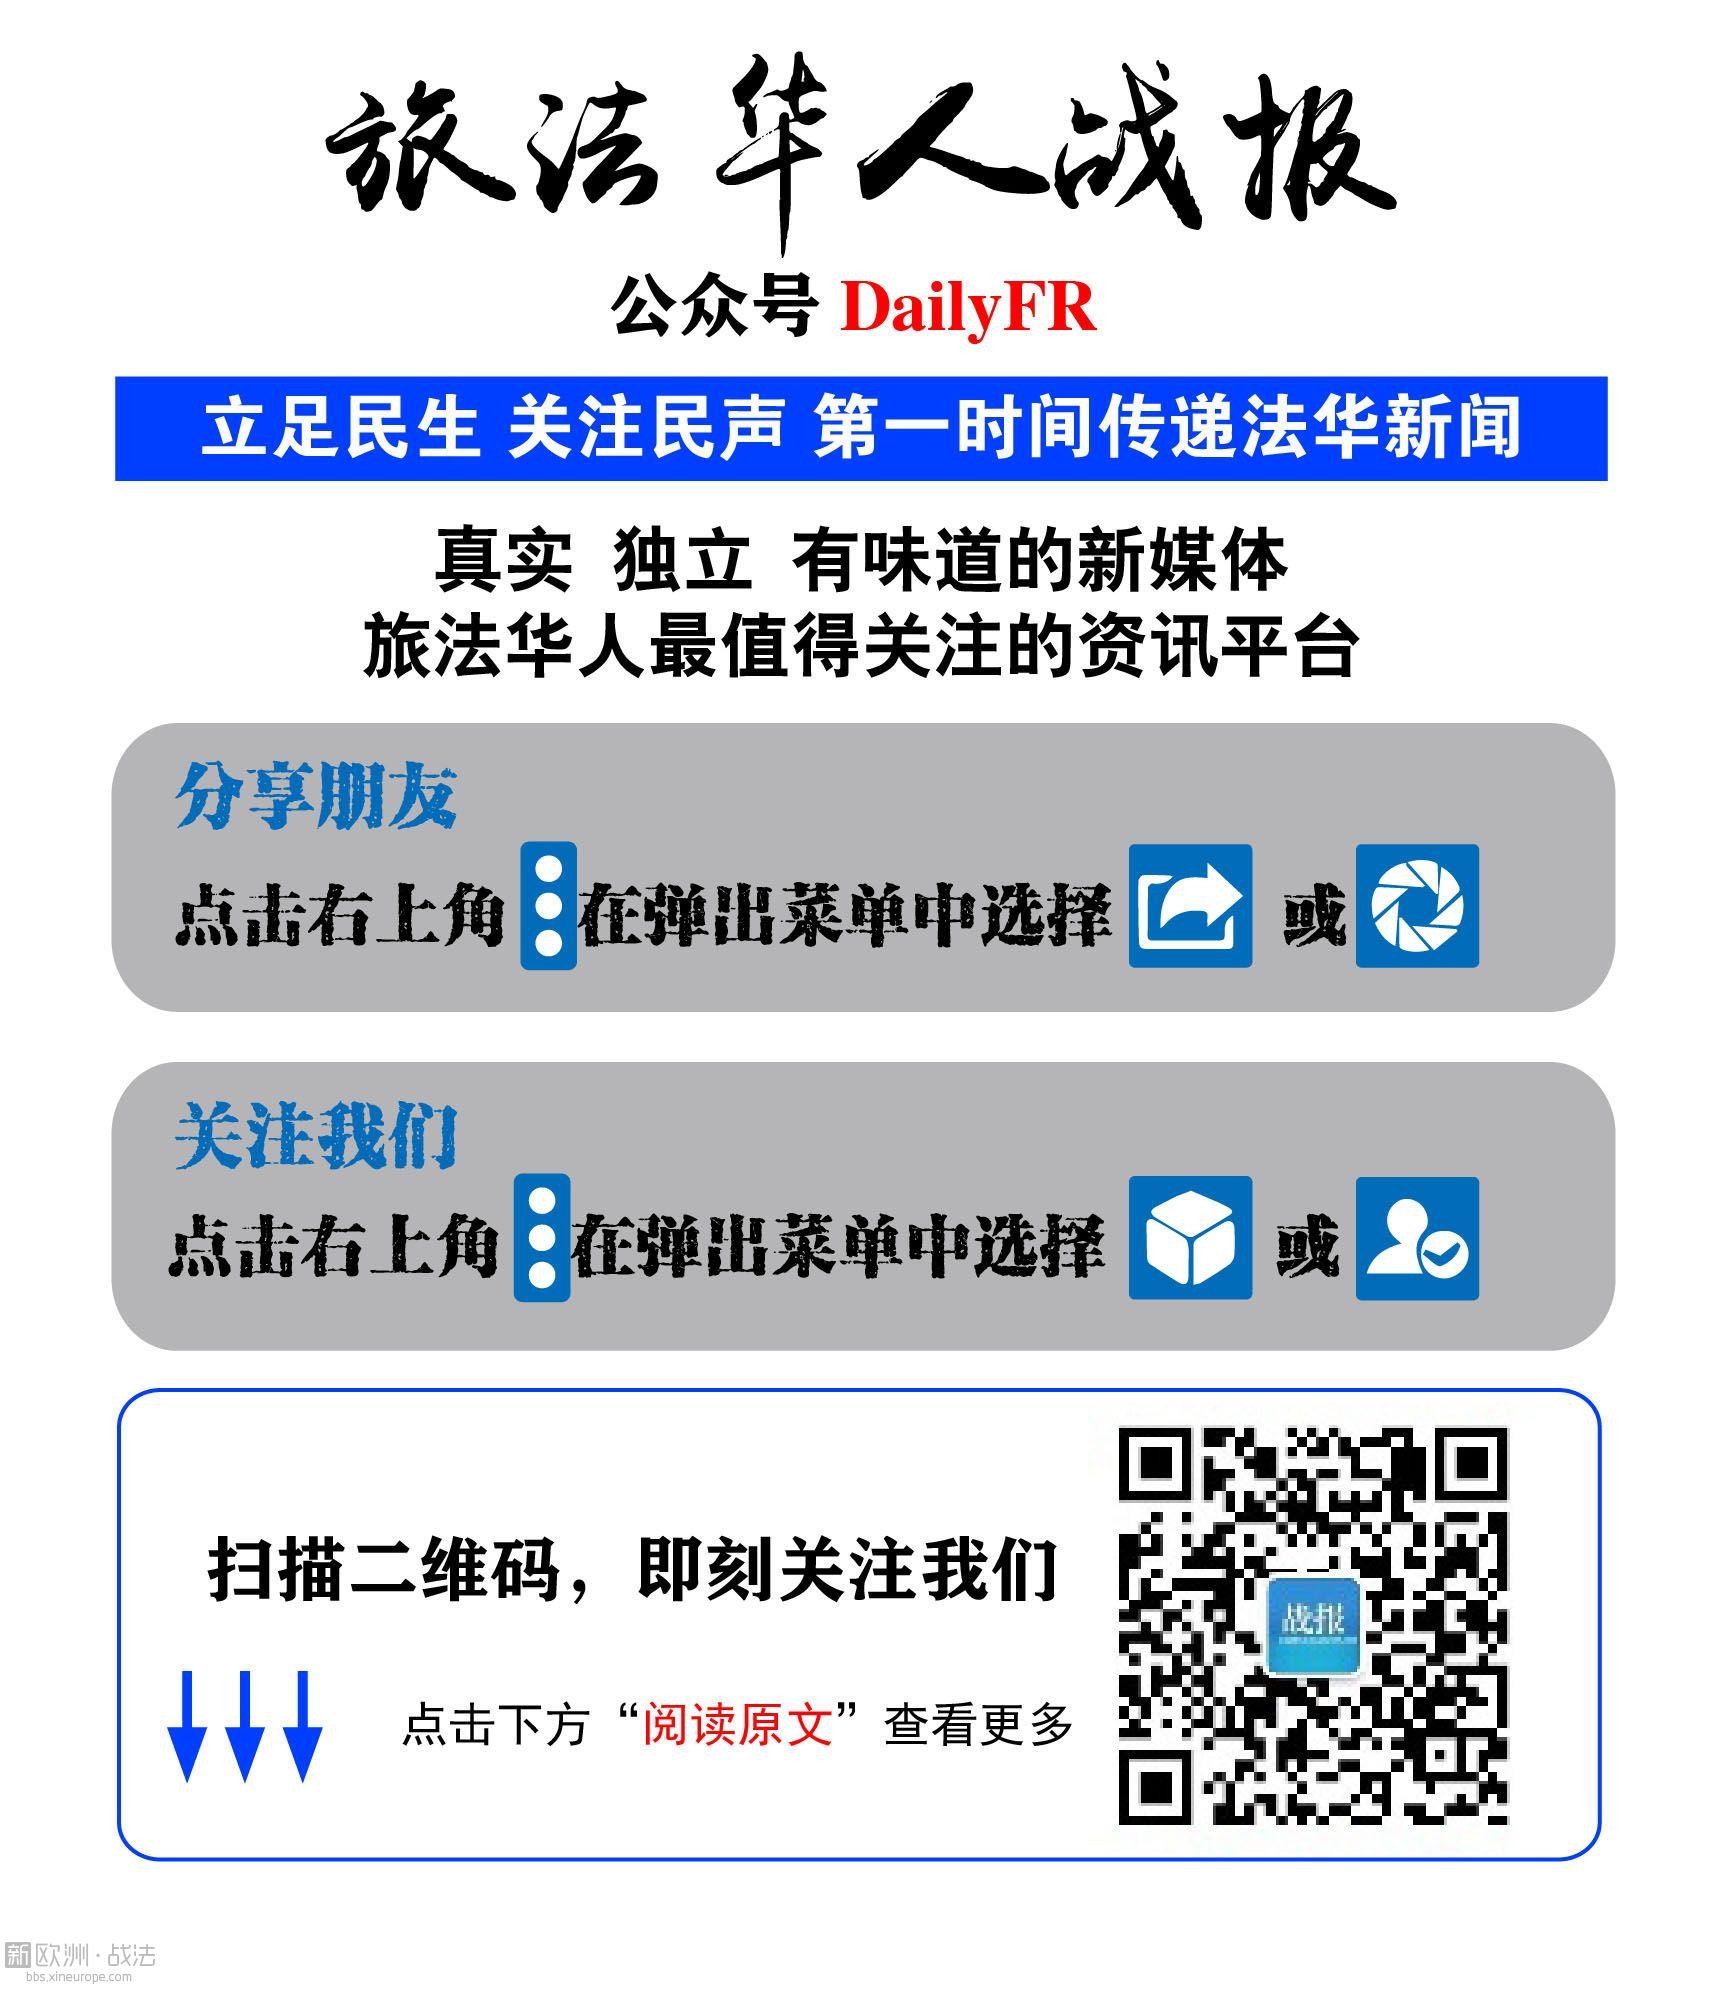 旅法华人战报 2.jpg